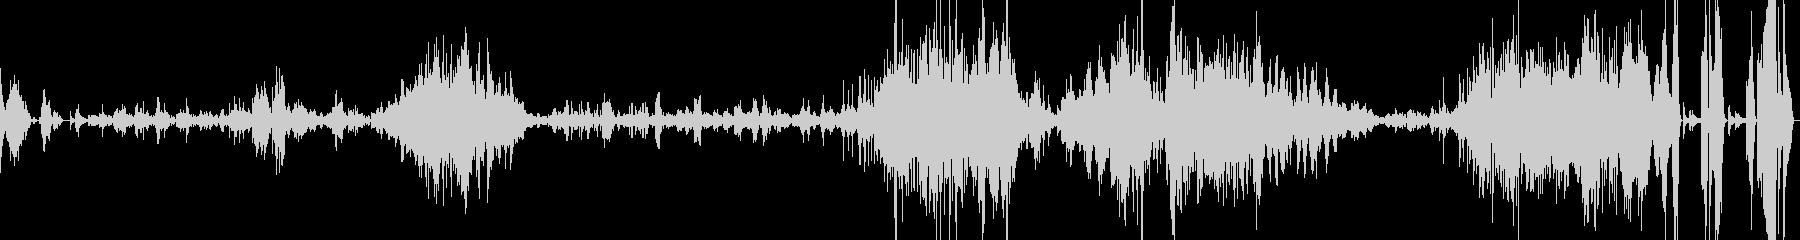 ショパンのバラードOp23の未再生の波形